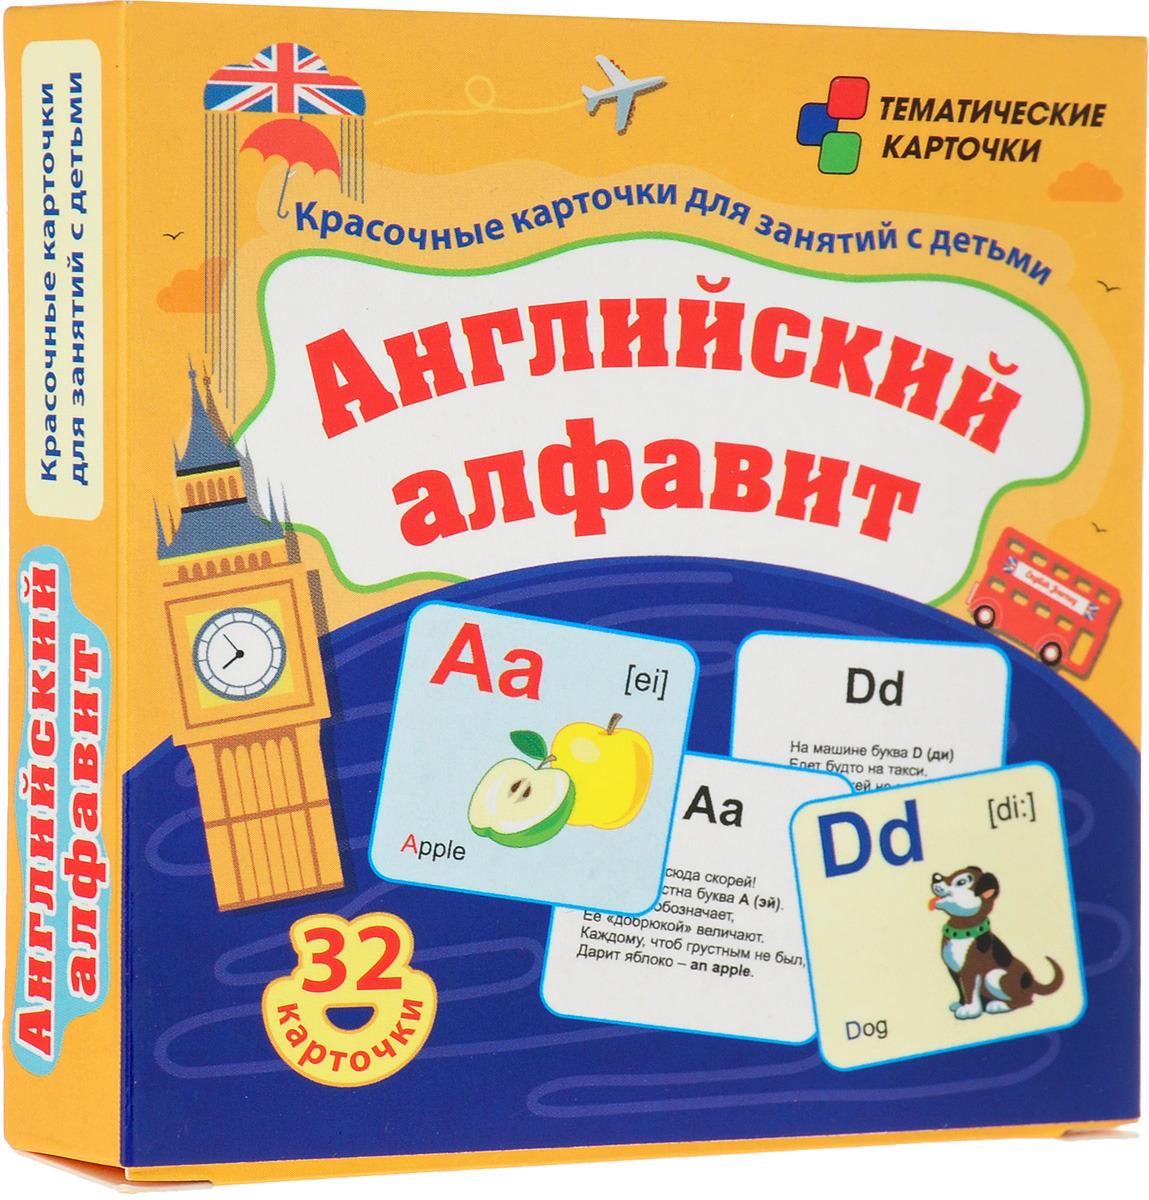 Английский алфавит. 32 карточки для занятий с детьми алфавит набор из 32 карточек